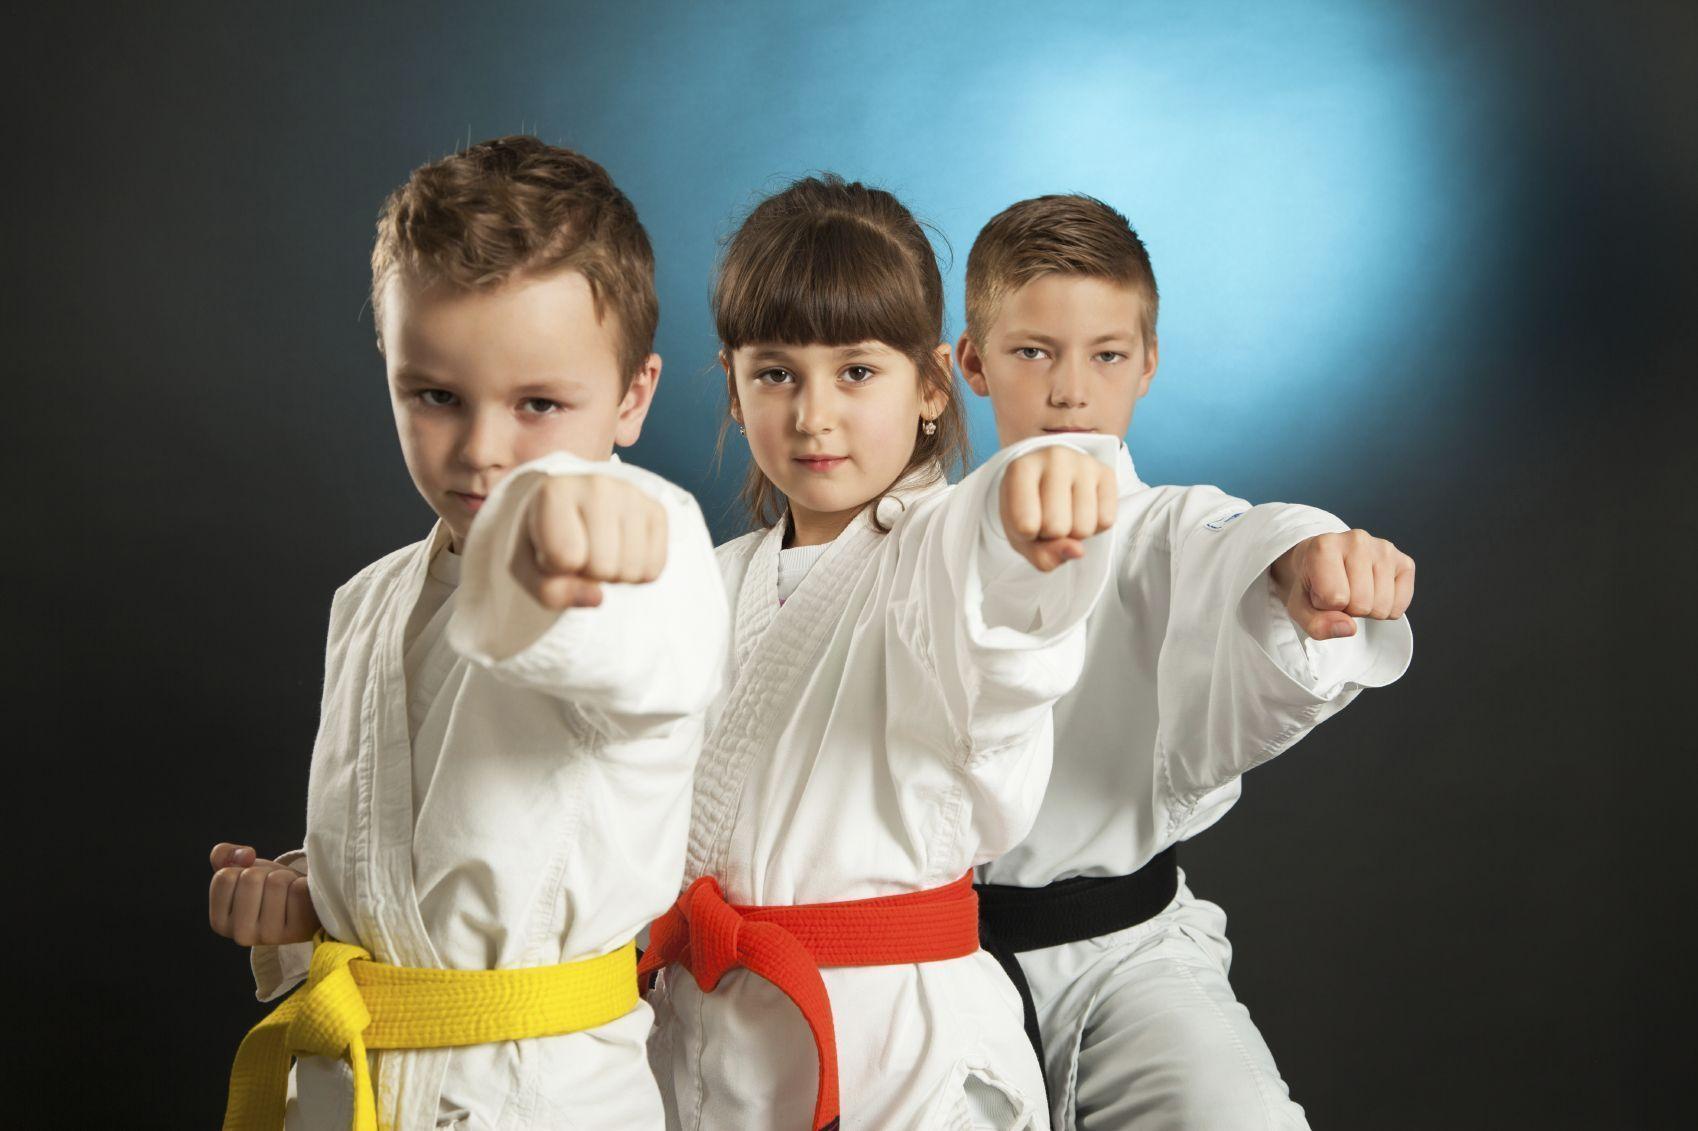 Сплошная польза: о том, как заниматься спортом с детьми в домашних условиях